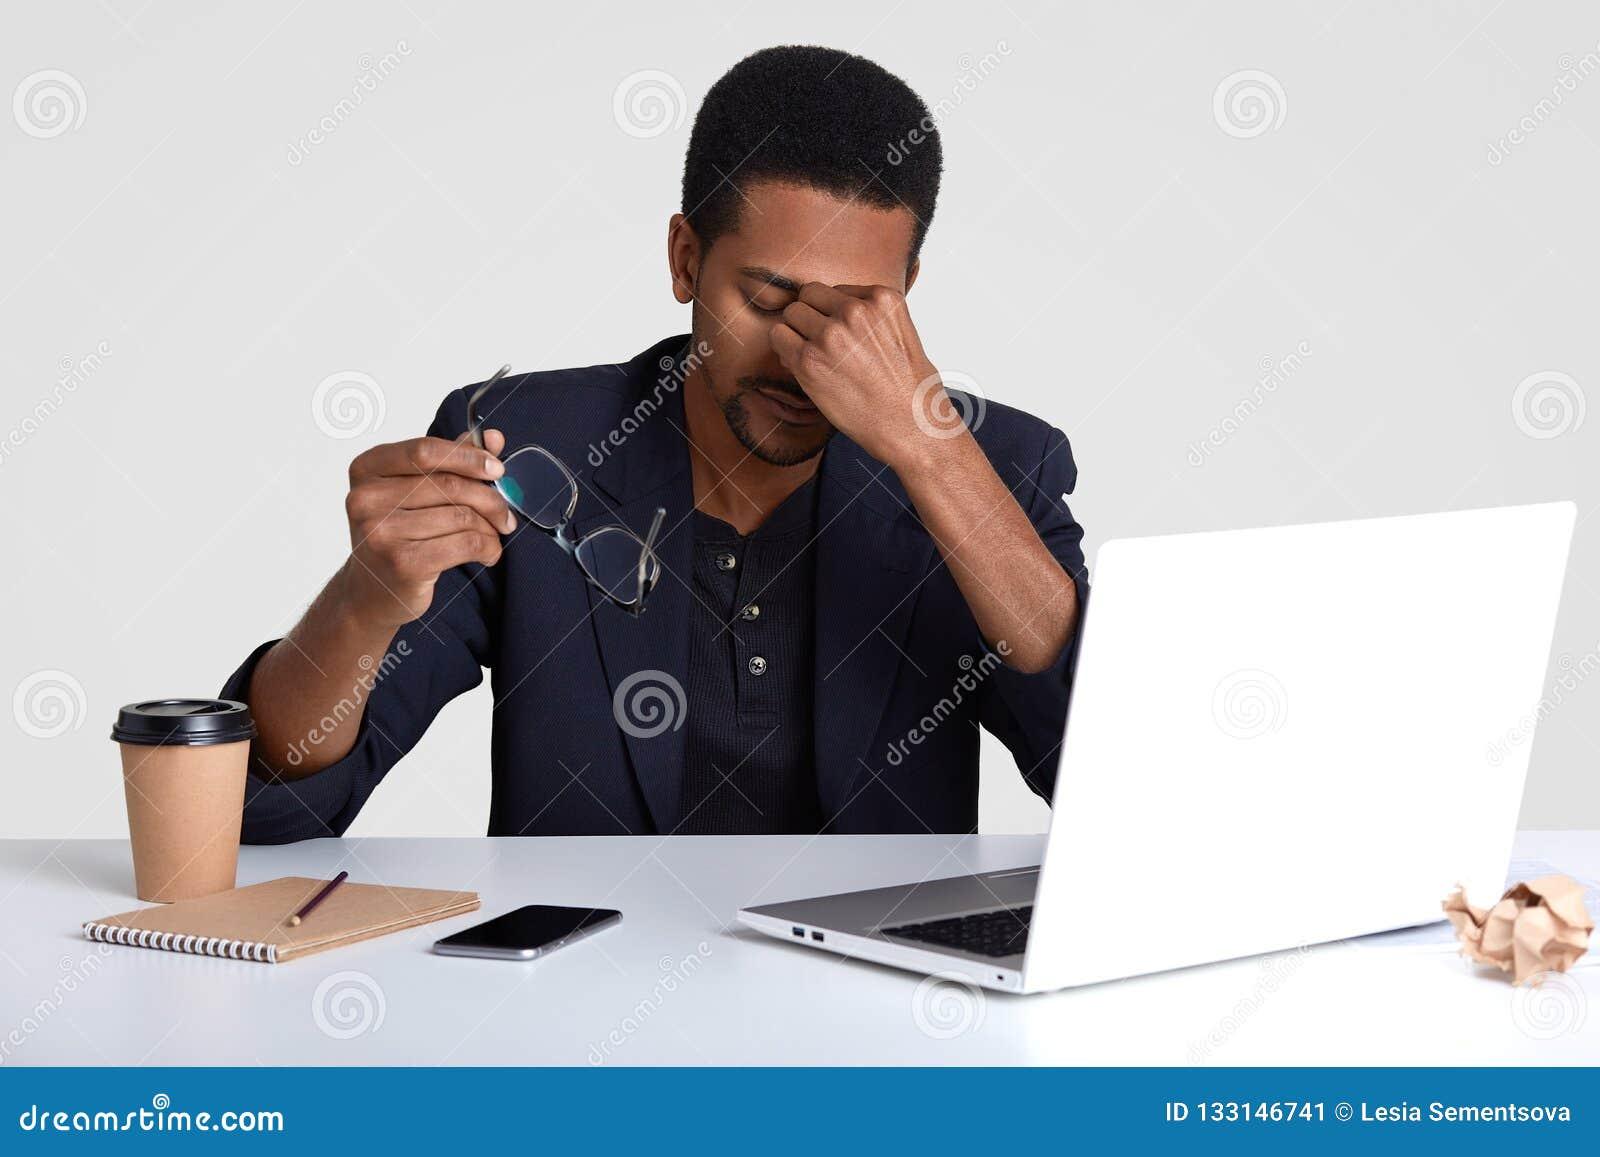 Mensen en vermoeidheidconcept De moeheid de zwarte Afrikaanse Amerikaanse mens bril opstijgt, voelt slaperig en overwerkt, omring